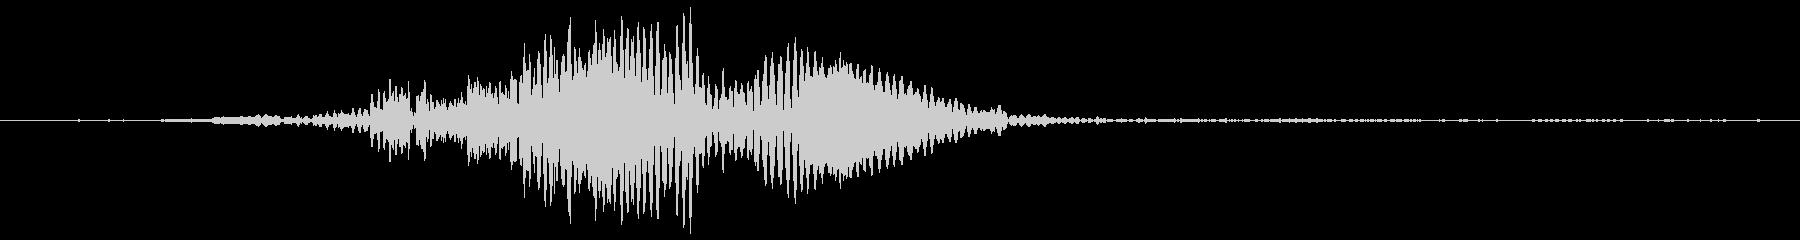 剣の素振り(大剣を振る)の未再生の波形